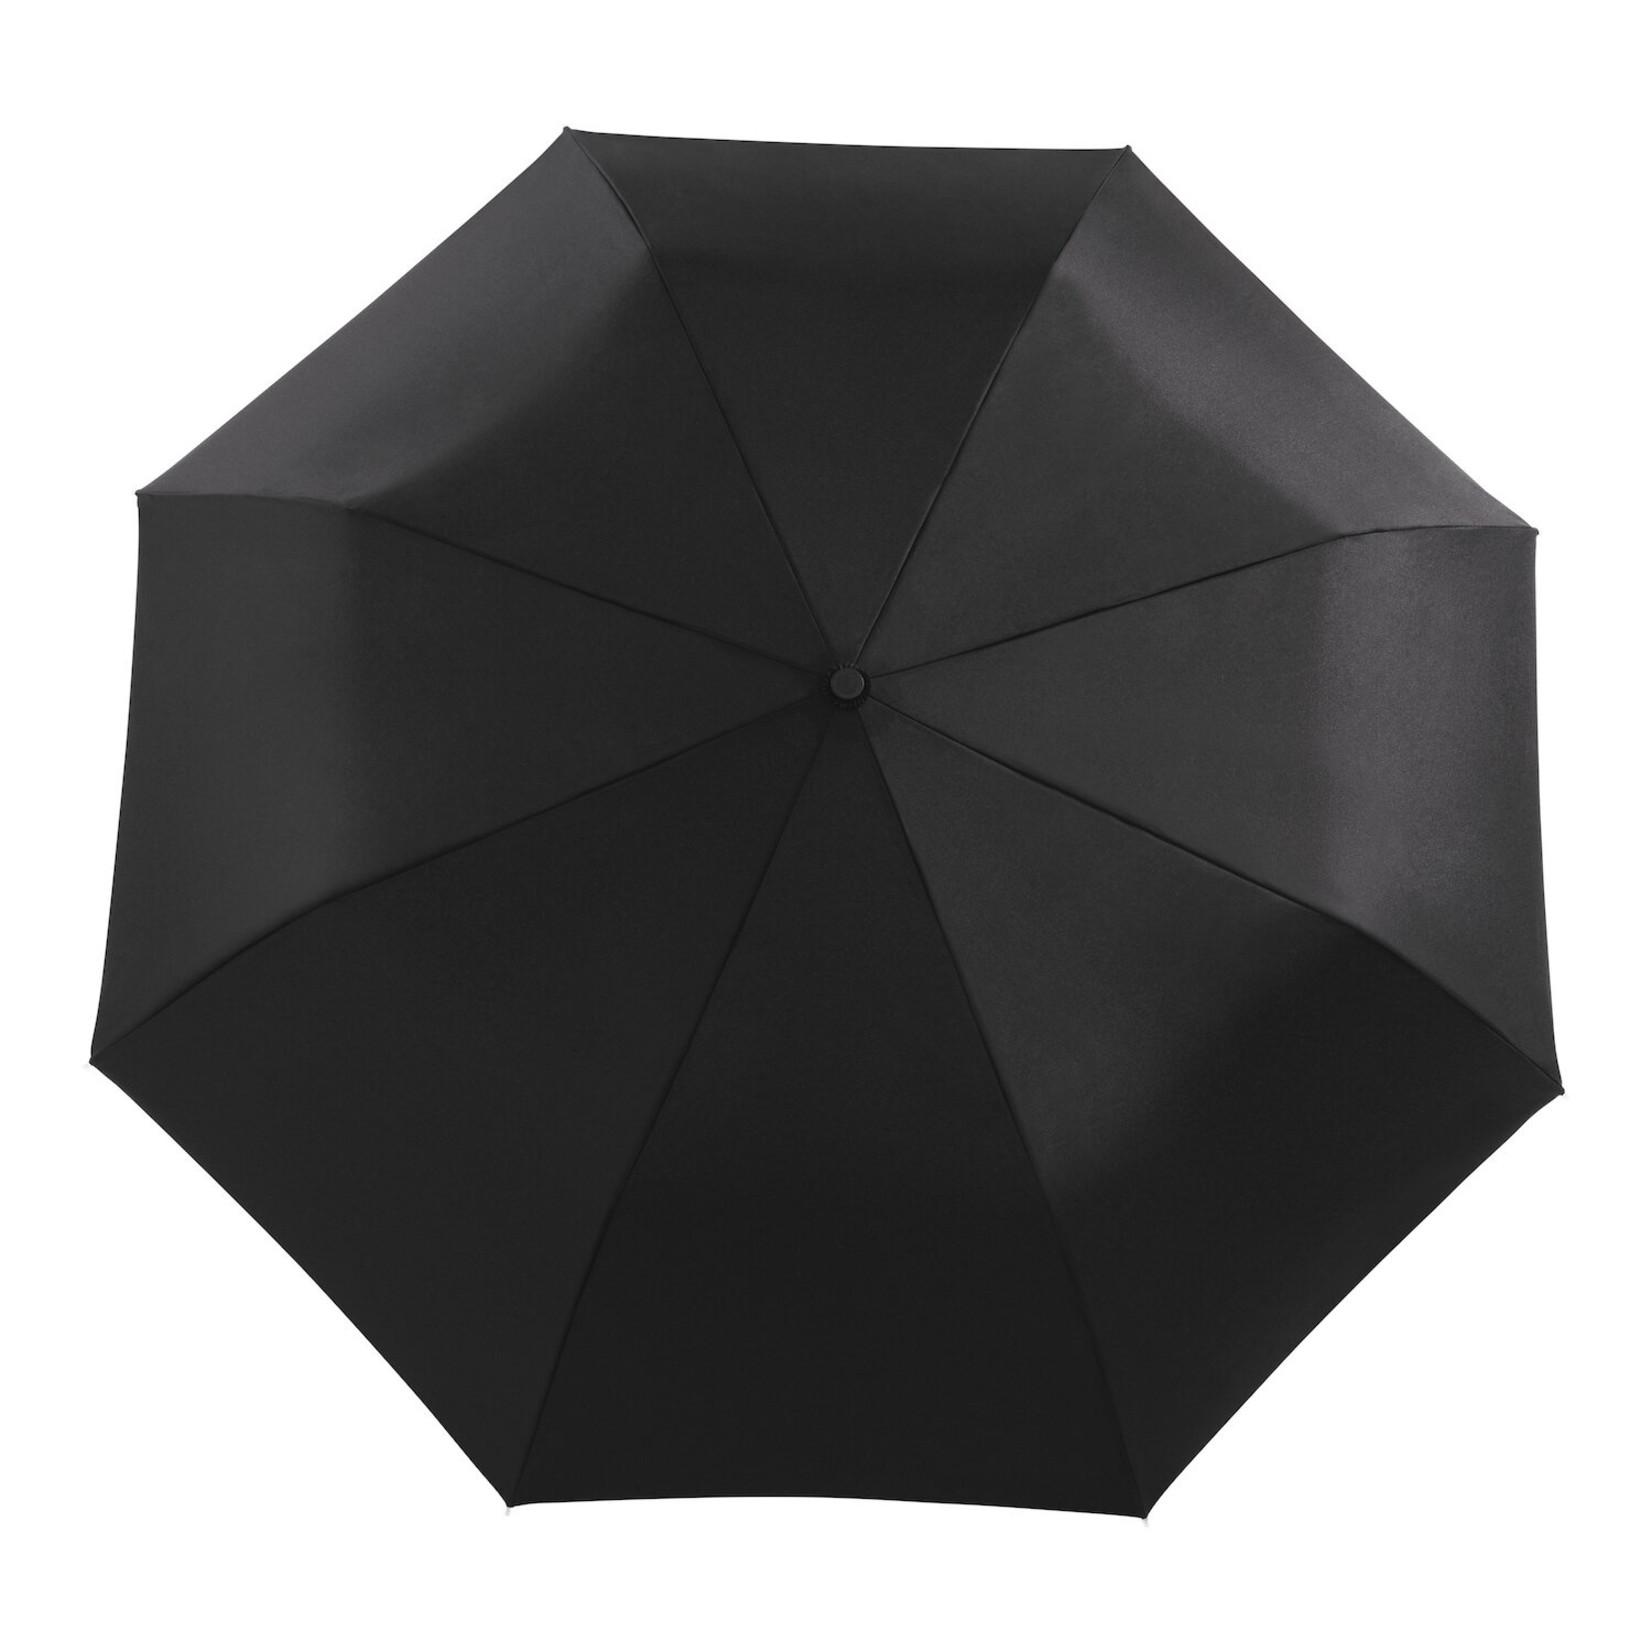 Original Duckhead Original Duckhead Umbrella